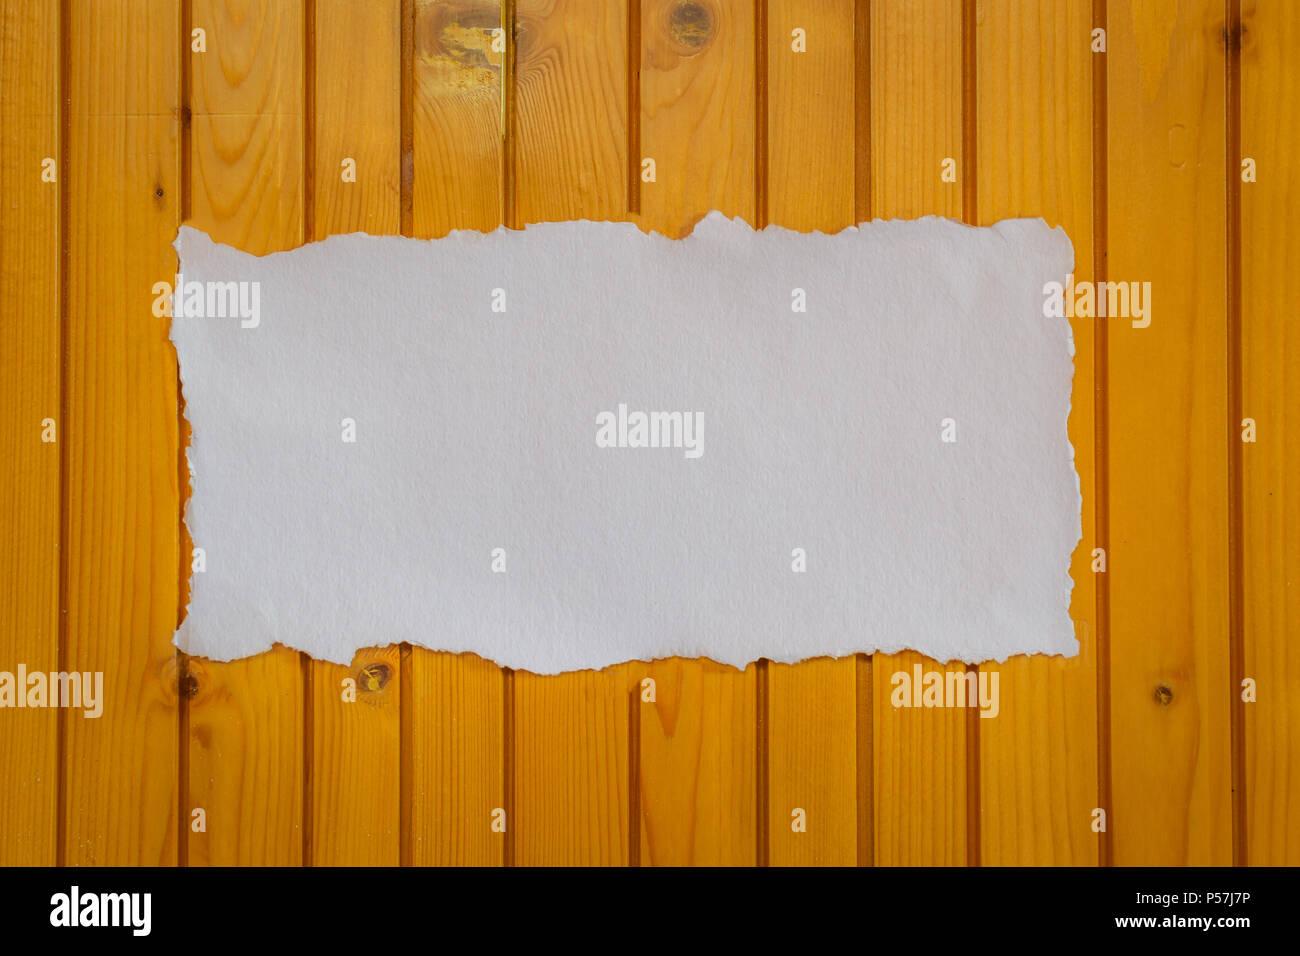 Weißes Blatt Papier auf einem Holzgetäfelten Hintergrund für Liebe Notizen und Einladungskarten Stockbild